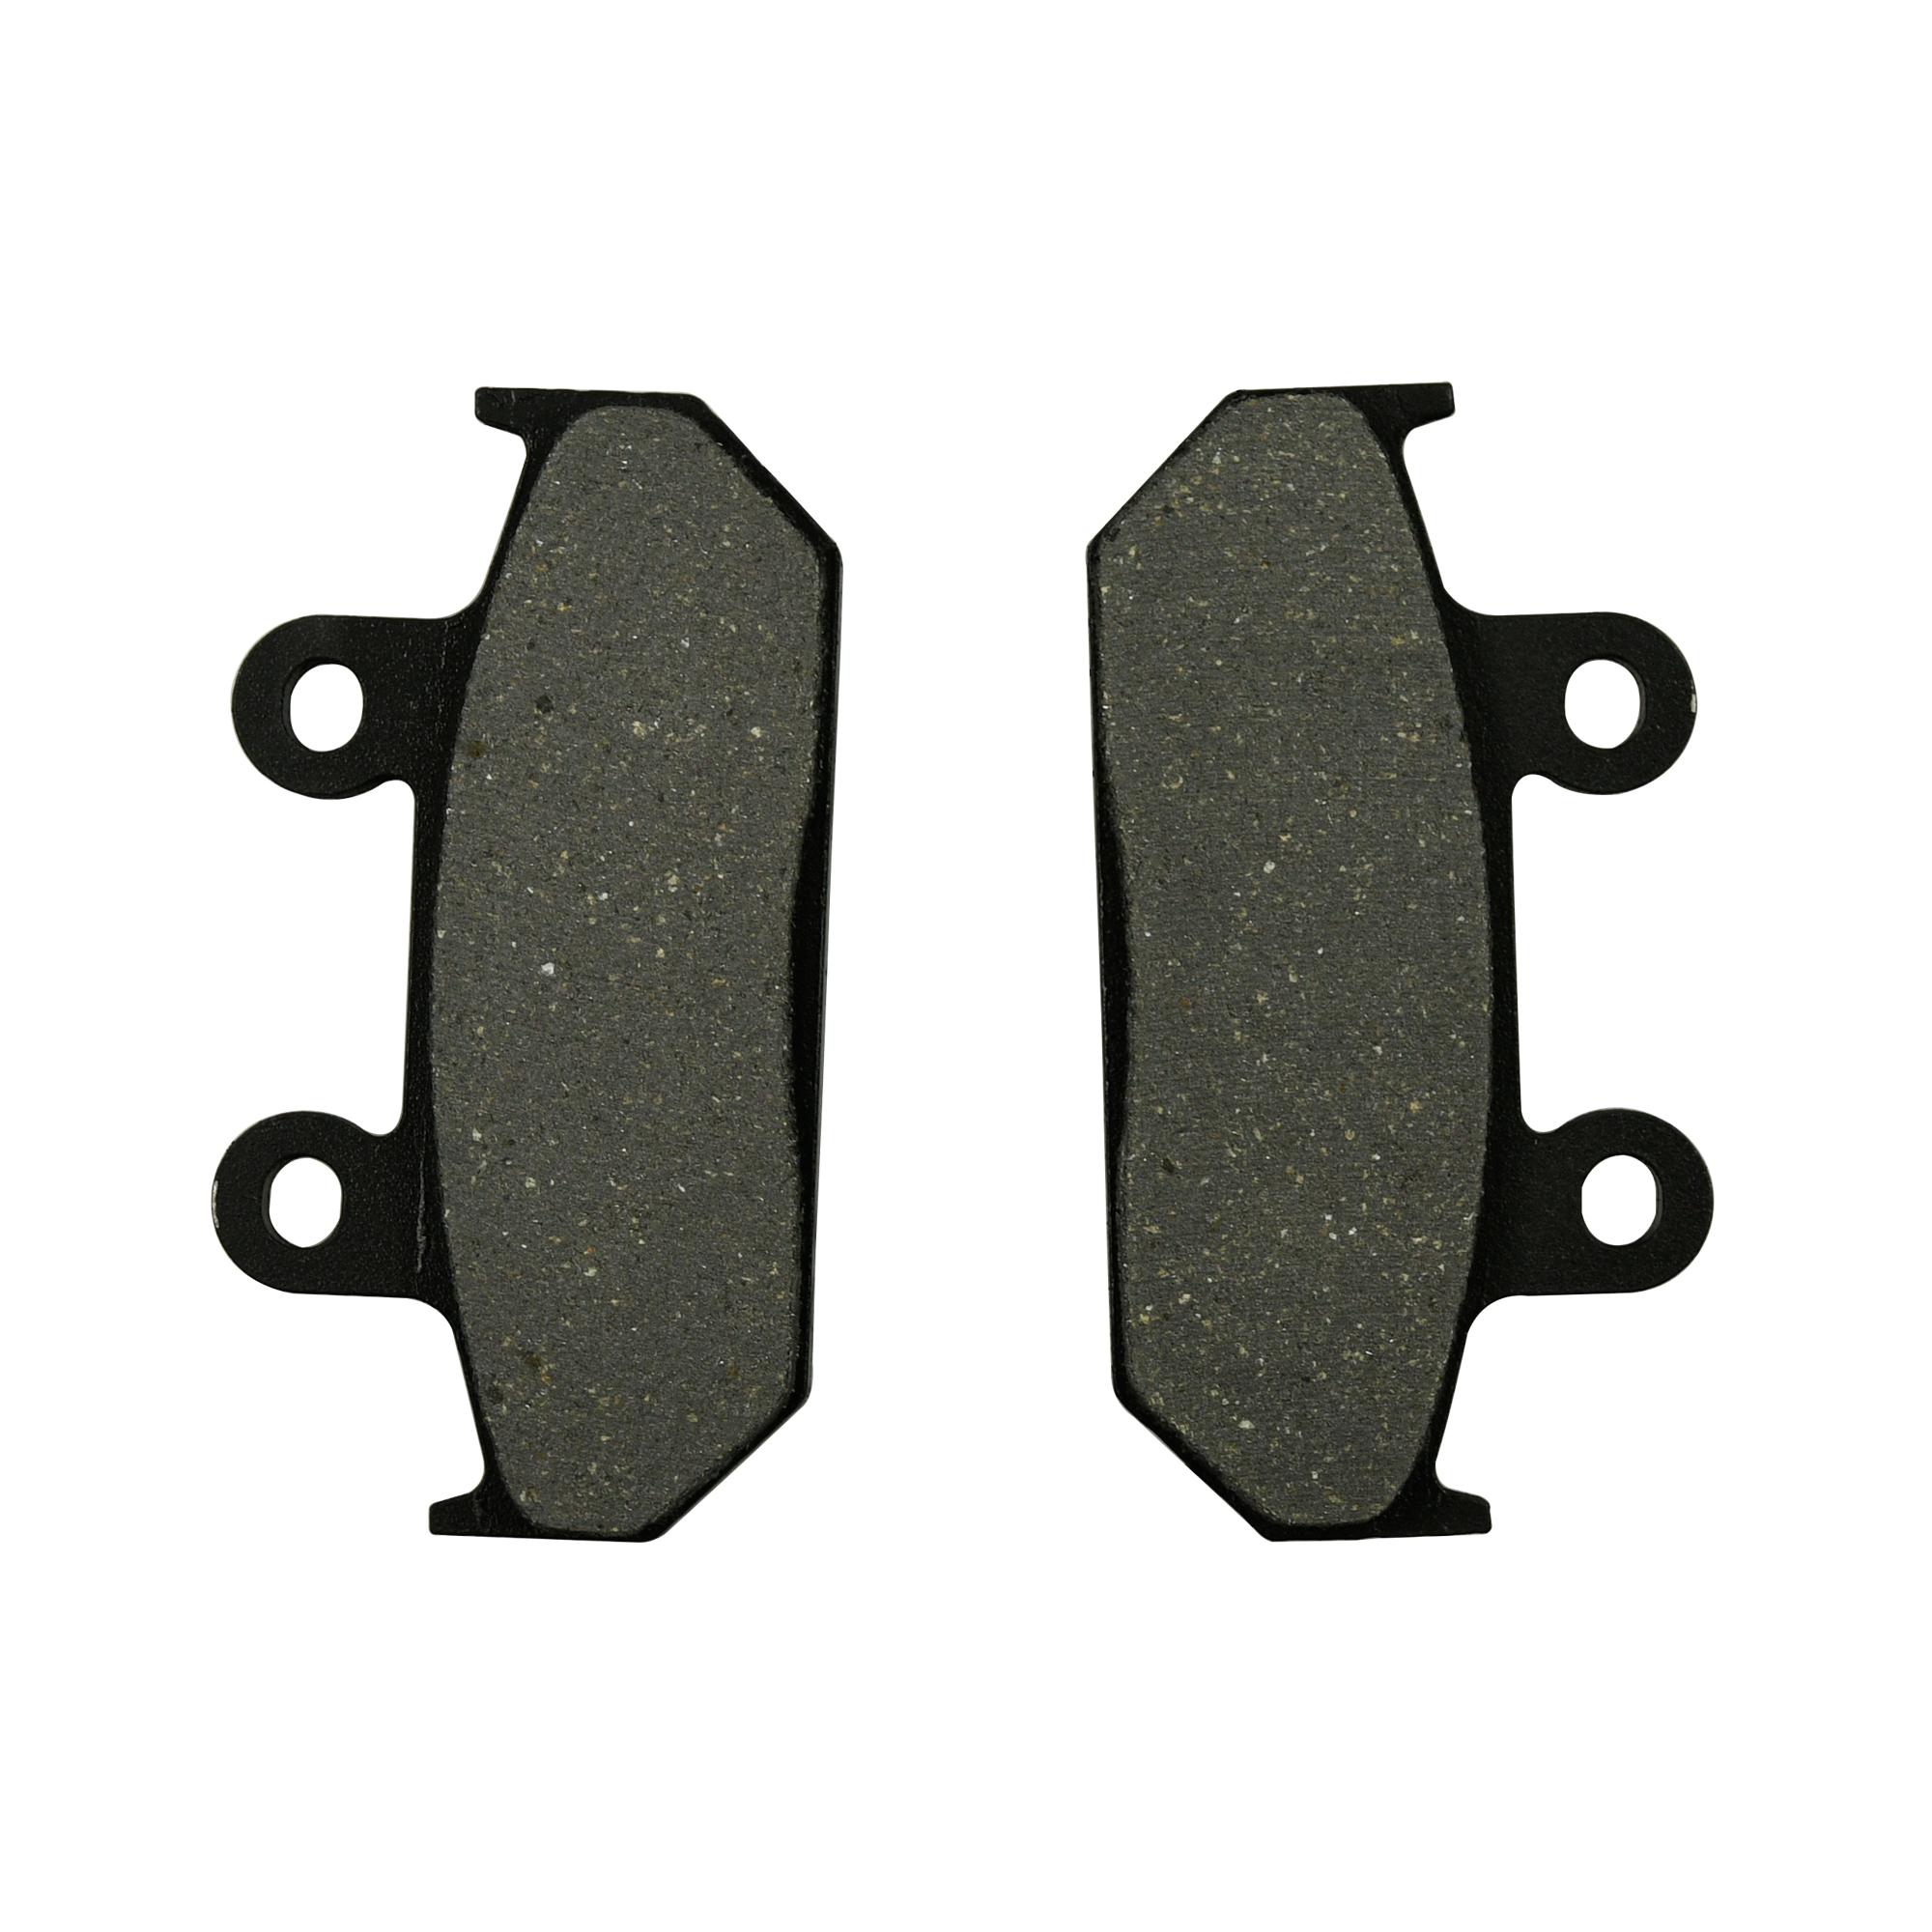 Armstrong GG Range Road Rear Brake Pads - #230402